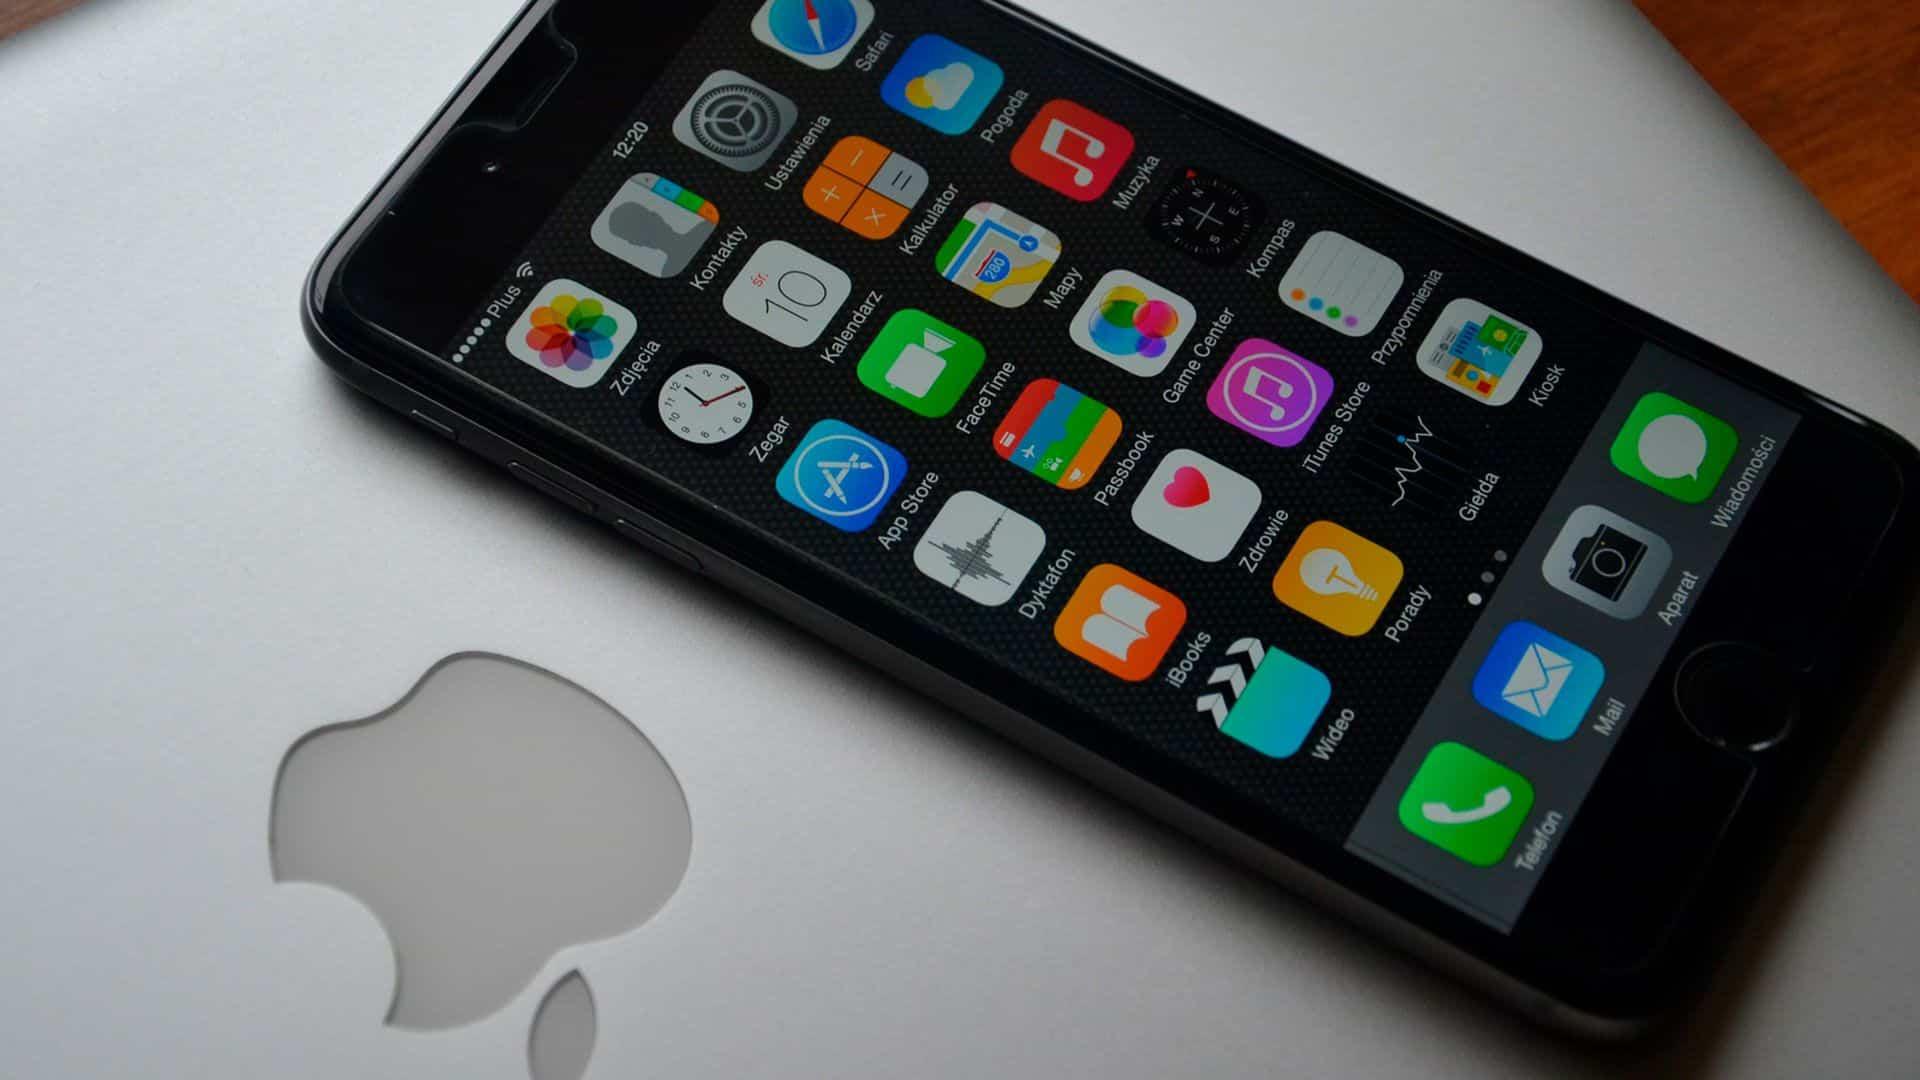 5 trucos para mejorar el rendimiento de tu iPhone o iPad 5